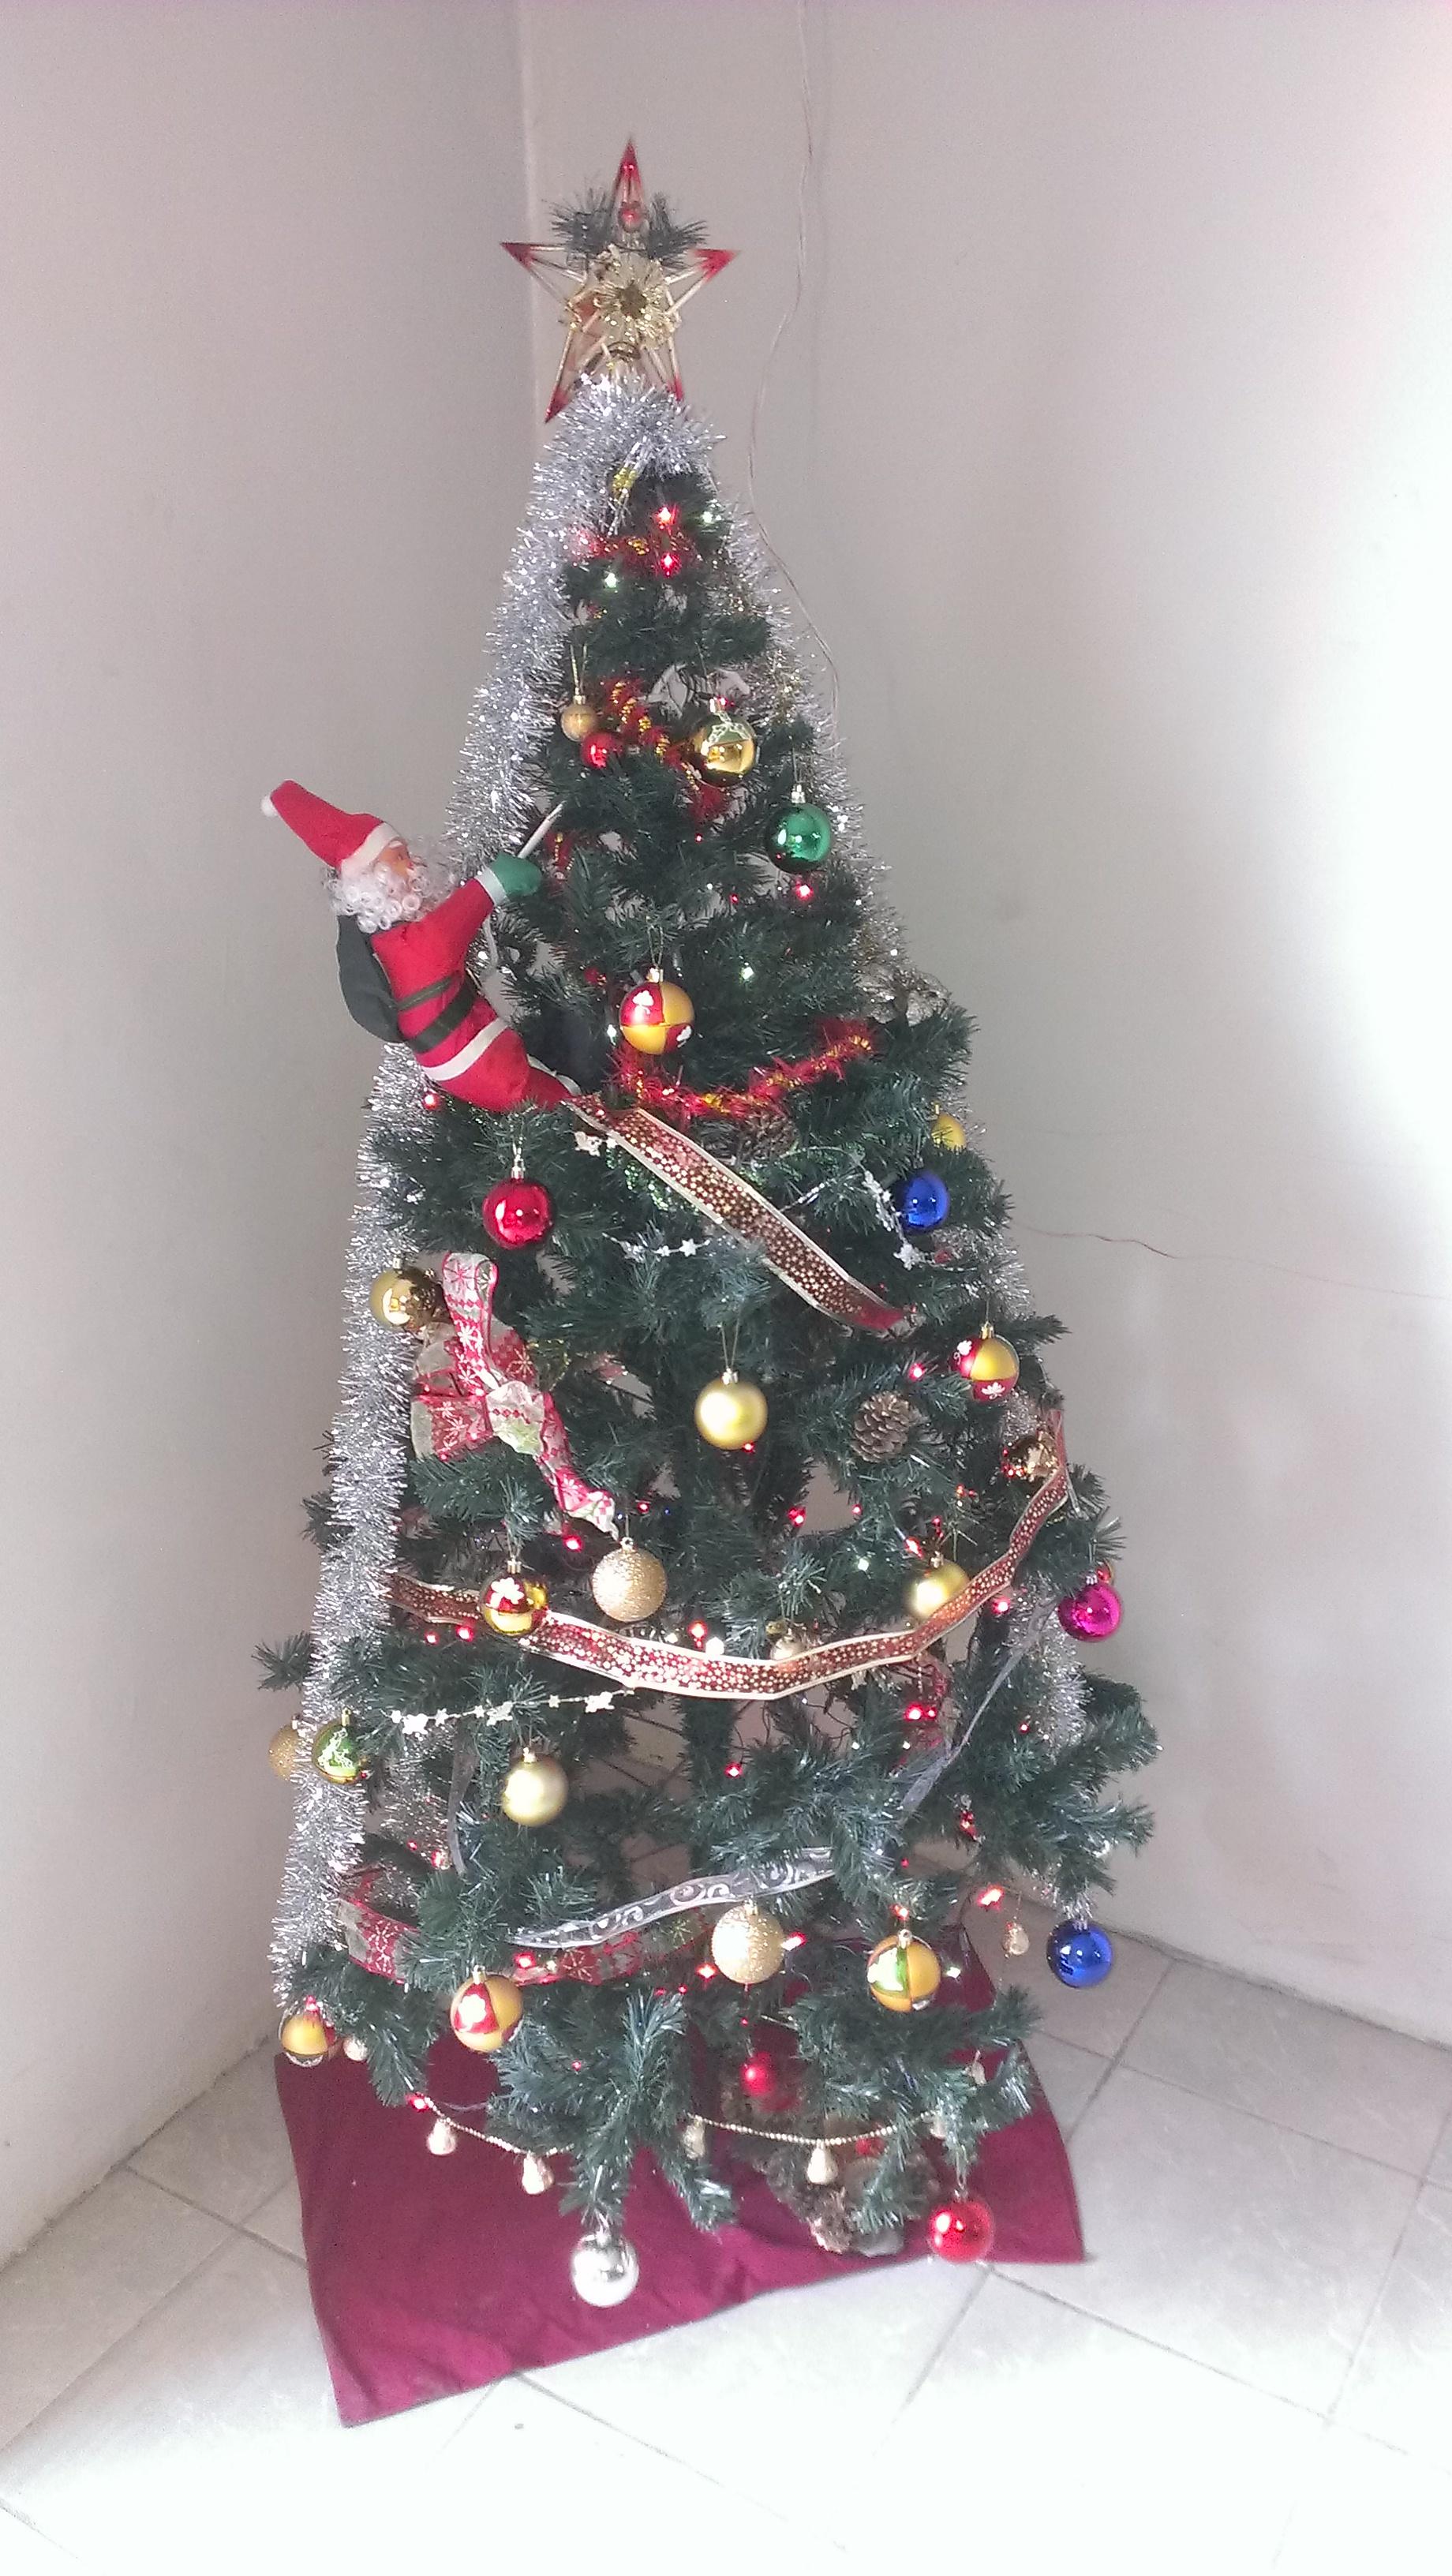 Sogar einen Weihnachtsmann hat es auf den Baum in der Musikschule geschafft!